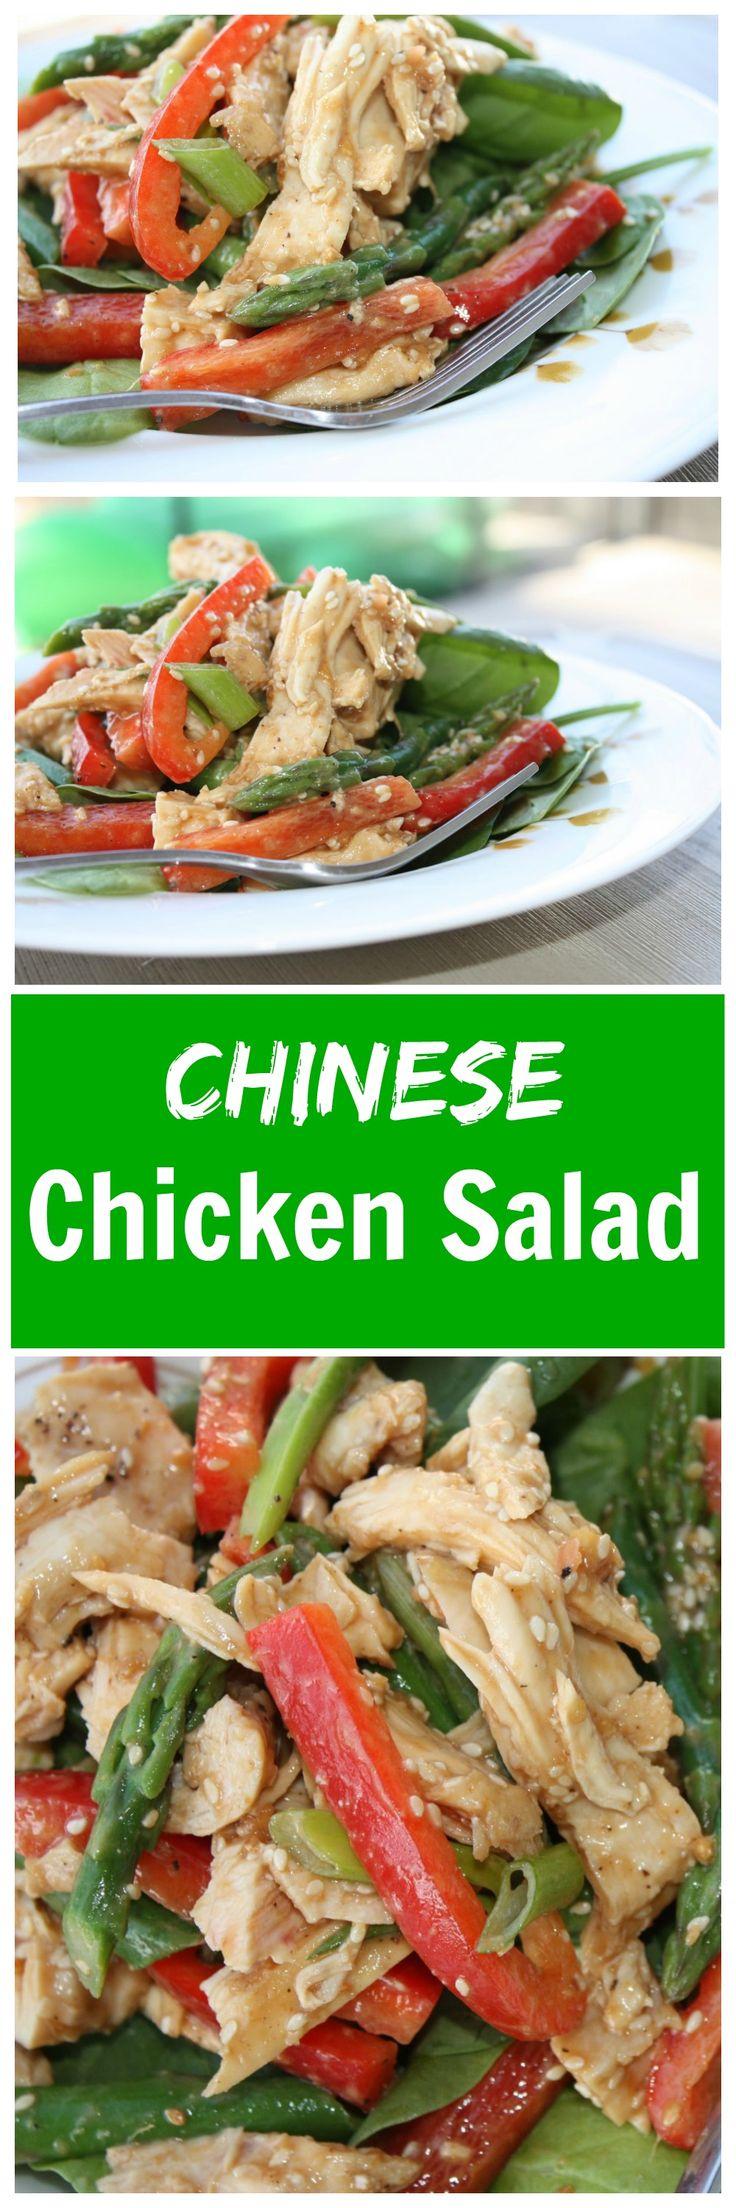 Chinese chicken salad ina garten food network recipe dinocrofo chinese chicken salad recipe ina garten food network forumfinder Image collections